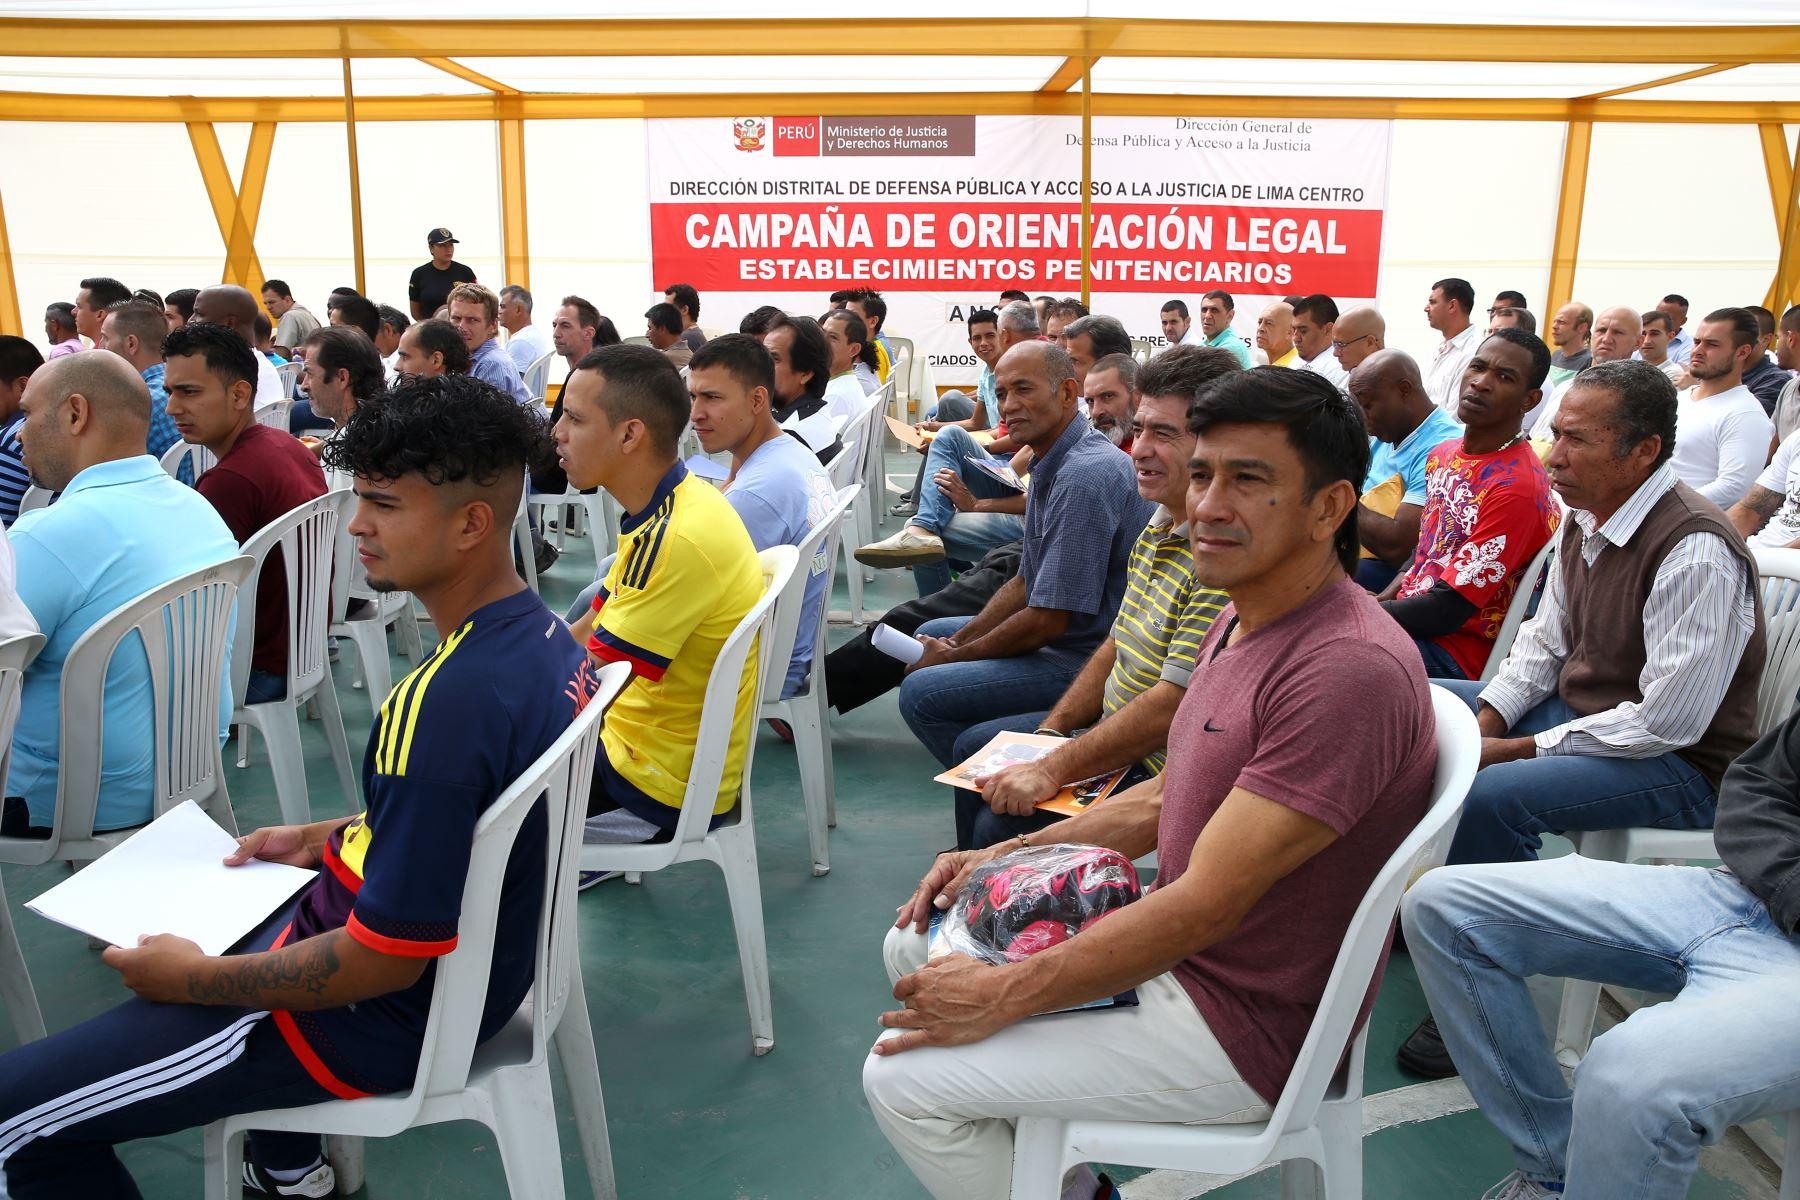 LIMA PERÚ - FEBRERO 22.  349 internos extranjeros entre, hombres y mujeres, del penal Ancón II, reciben  asistencia legal gracias a campaña del INPE.  Foto: ANDINA/Melina Mejía